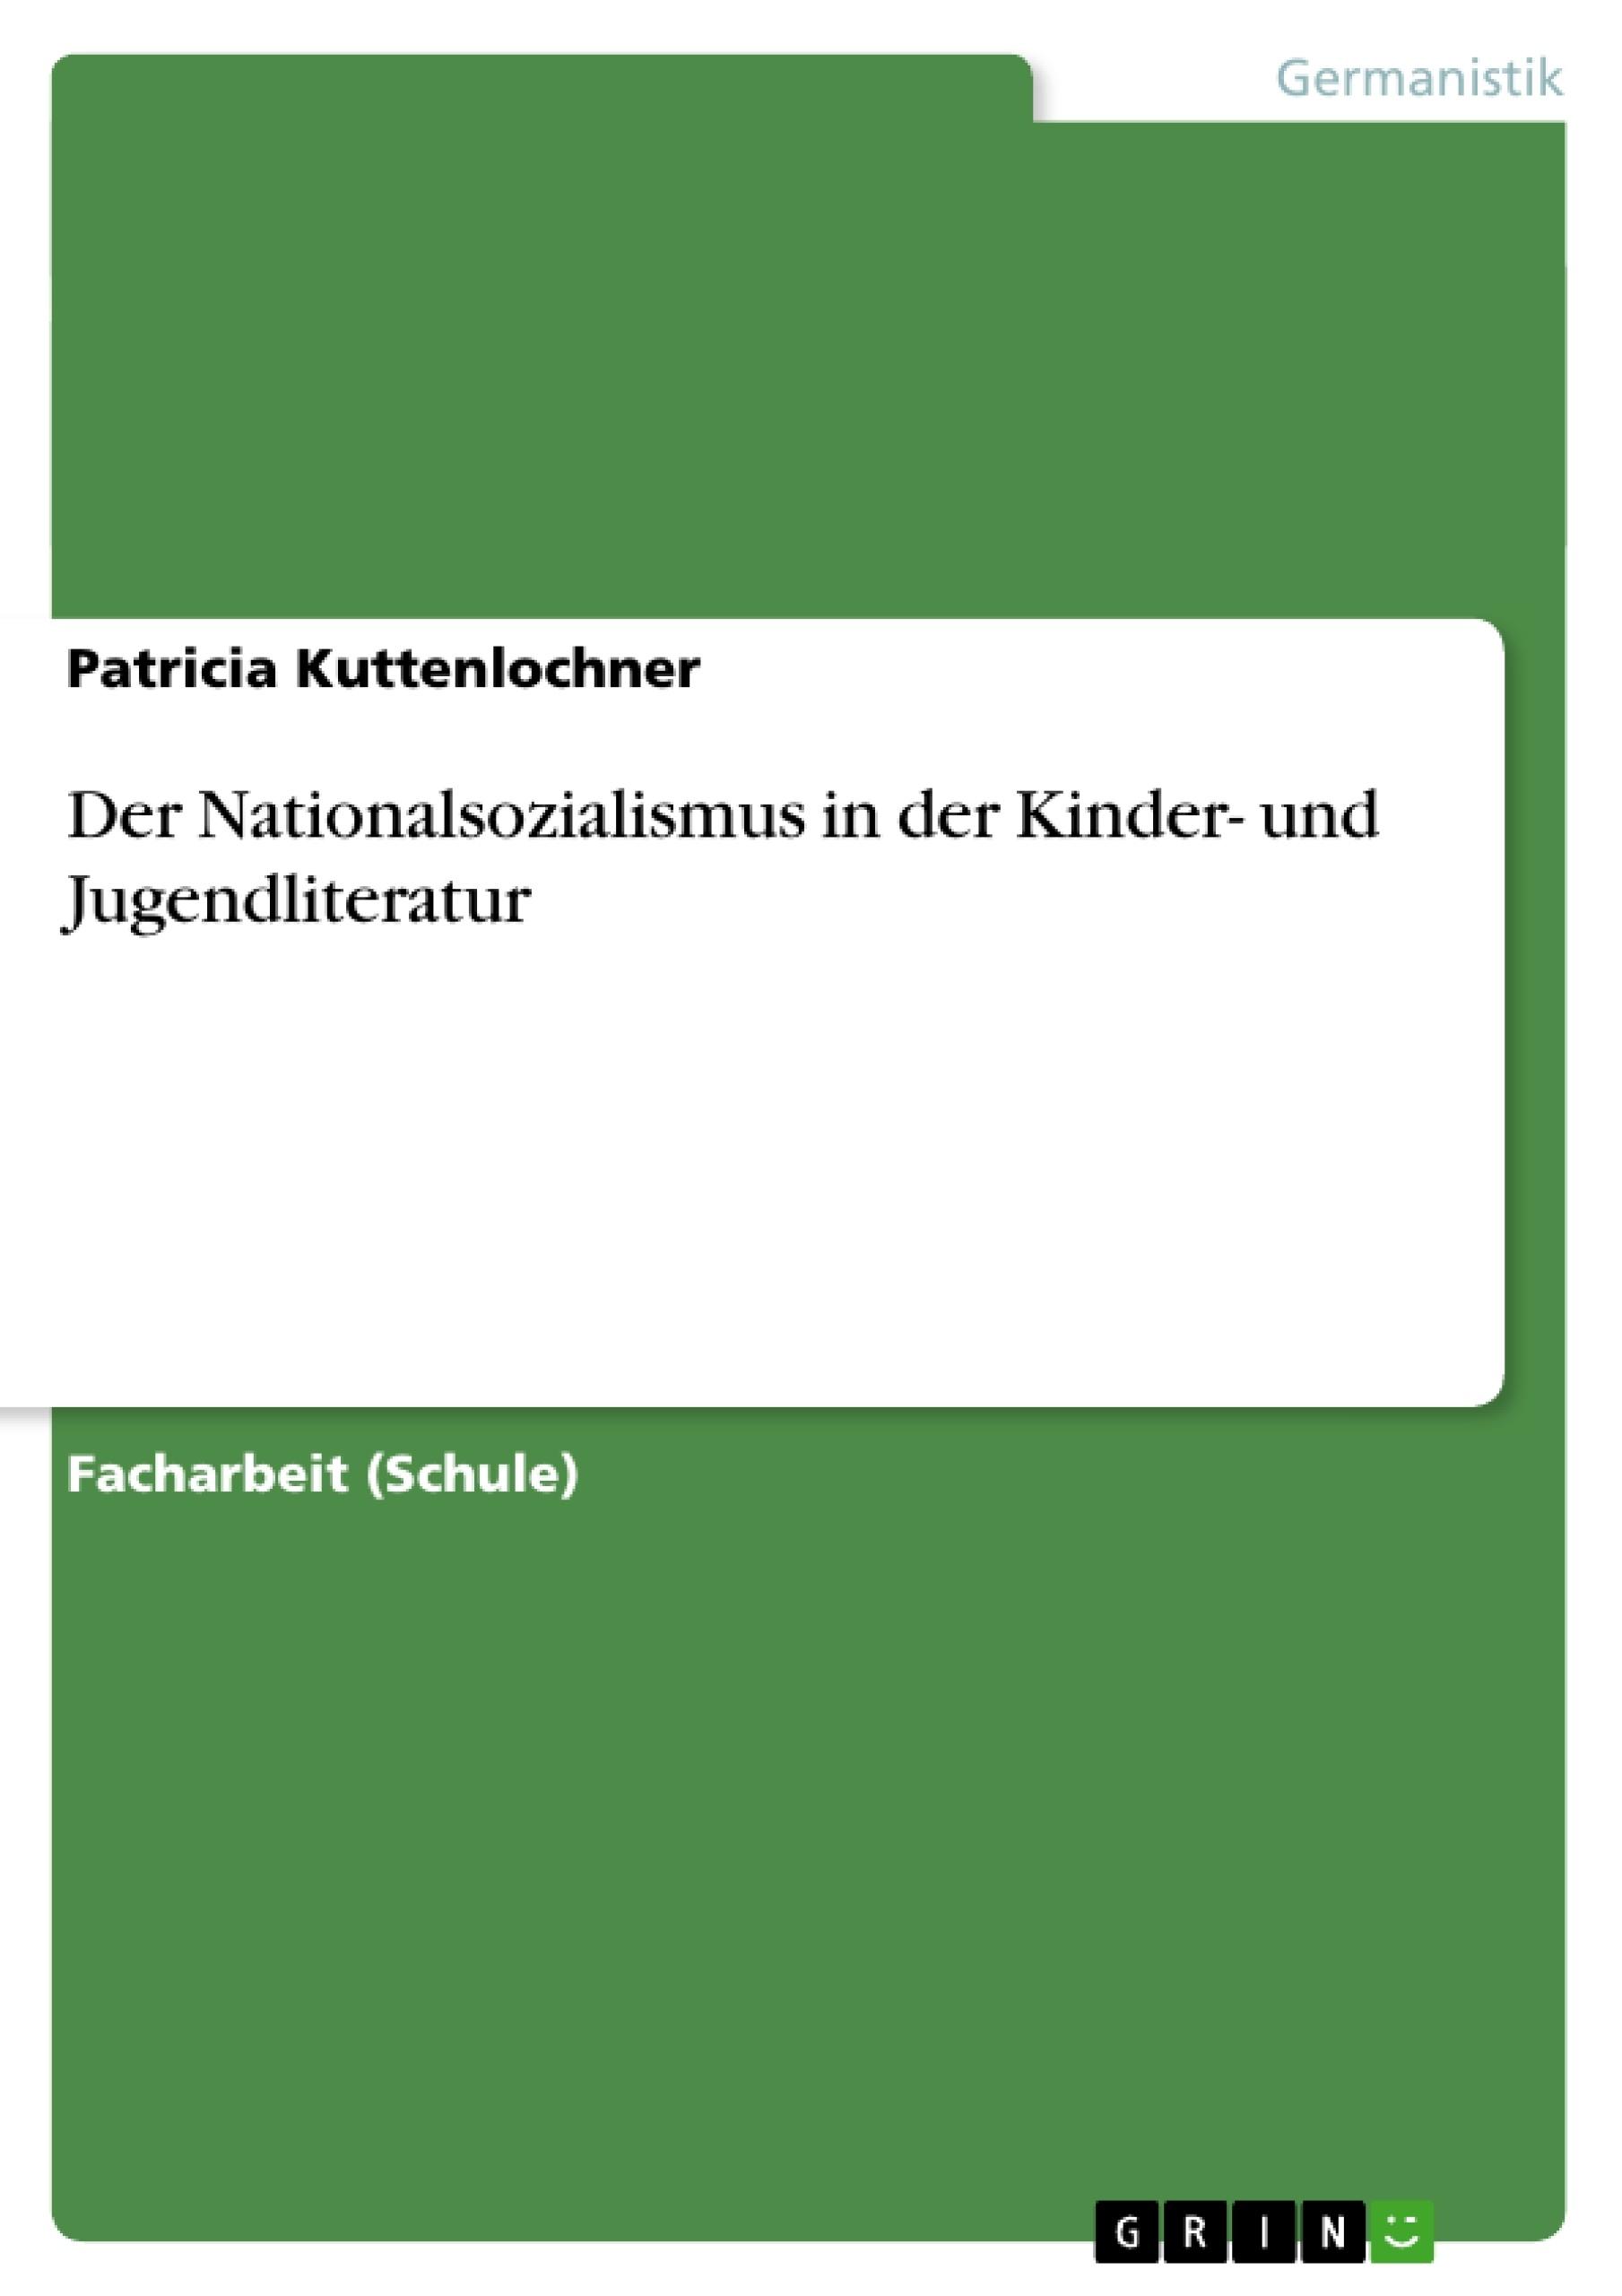 Titel: Der Nationalsozialismus in der Kinder- und Jugendliteratur